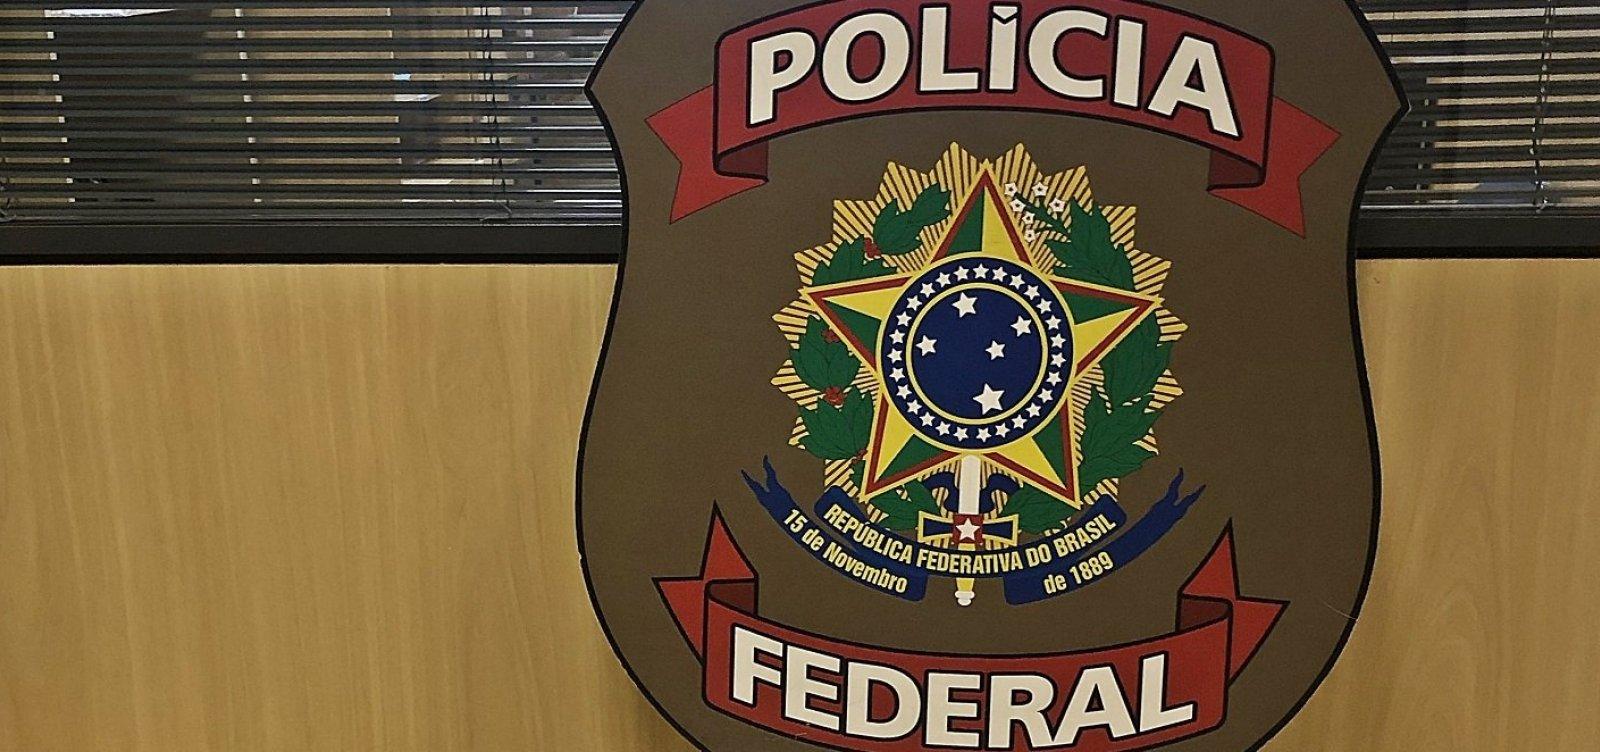 [Polícia Federal faz operação contra tráfico internacional de drogas em aeroporto de São Paulo]